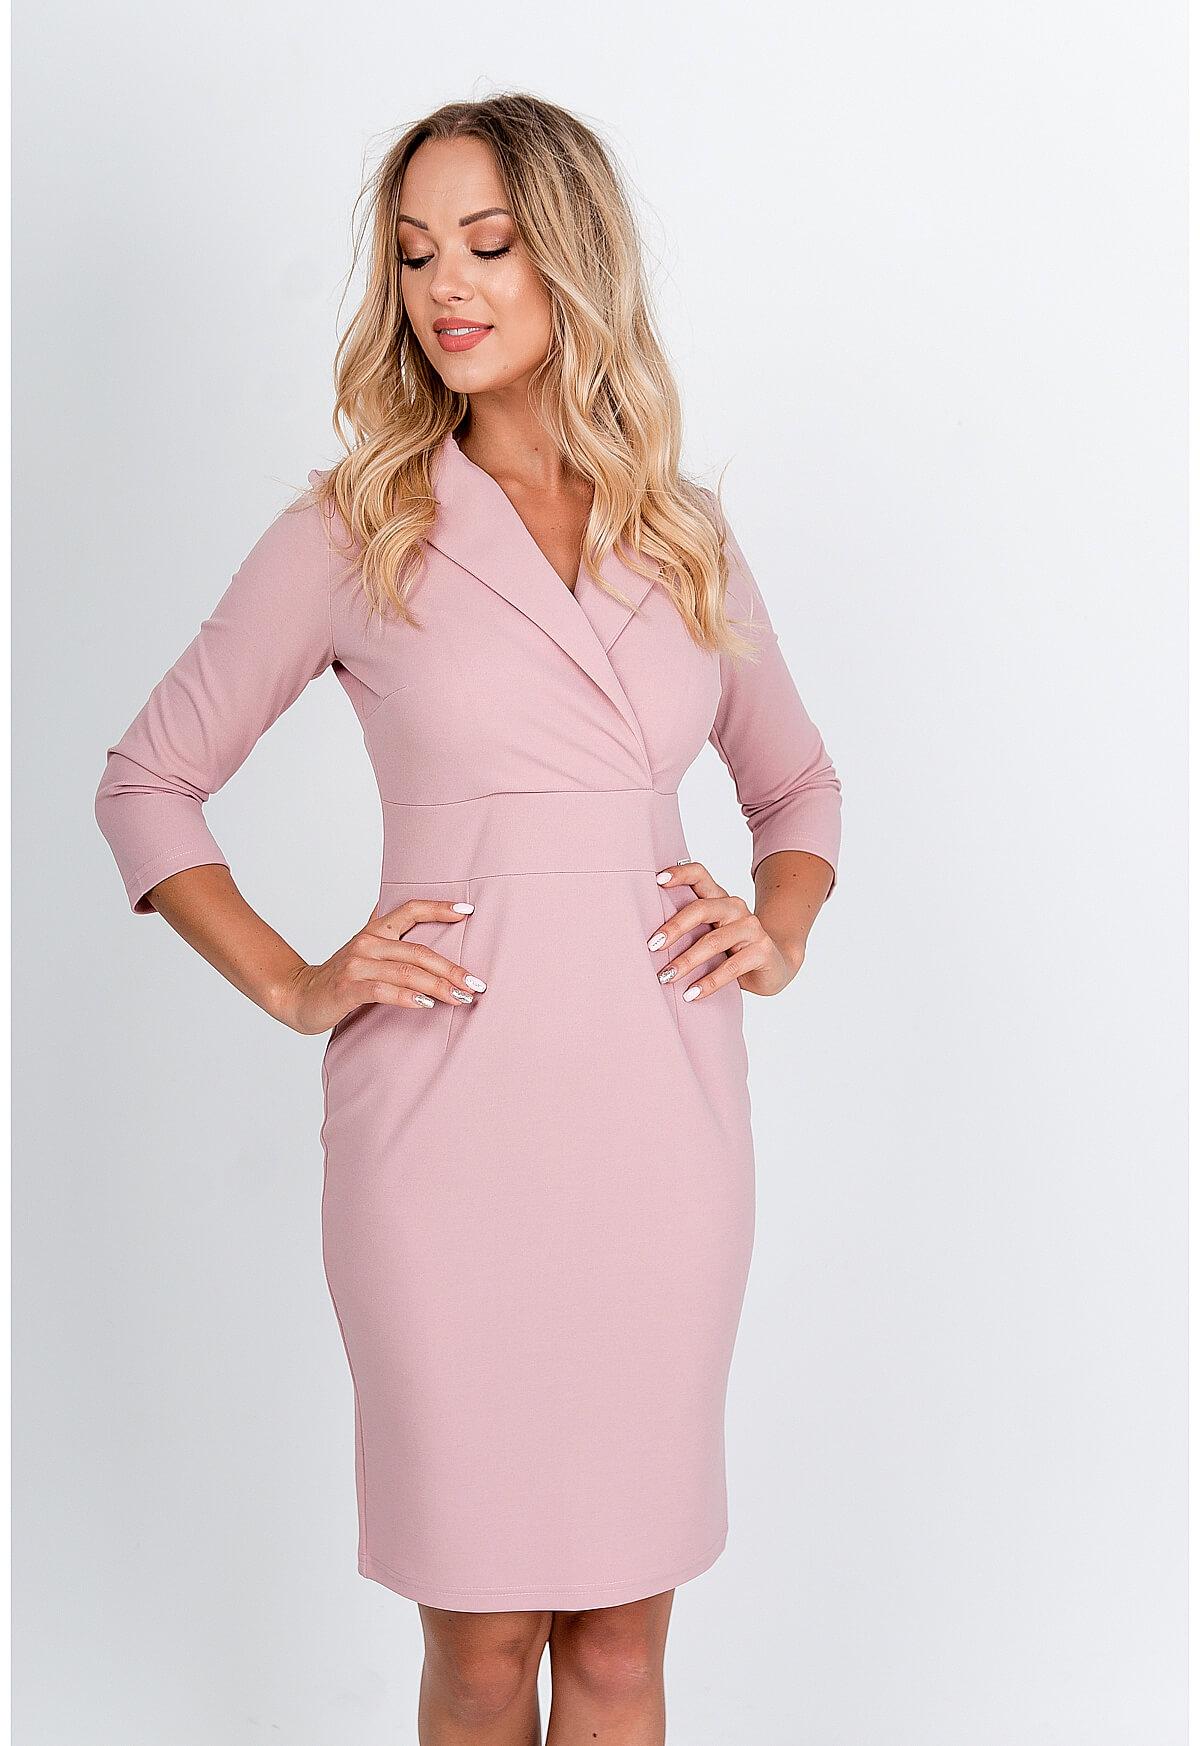 Ružové polodlhé večerné šaty - S